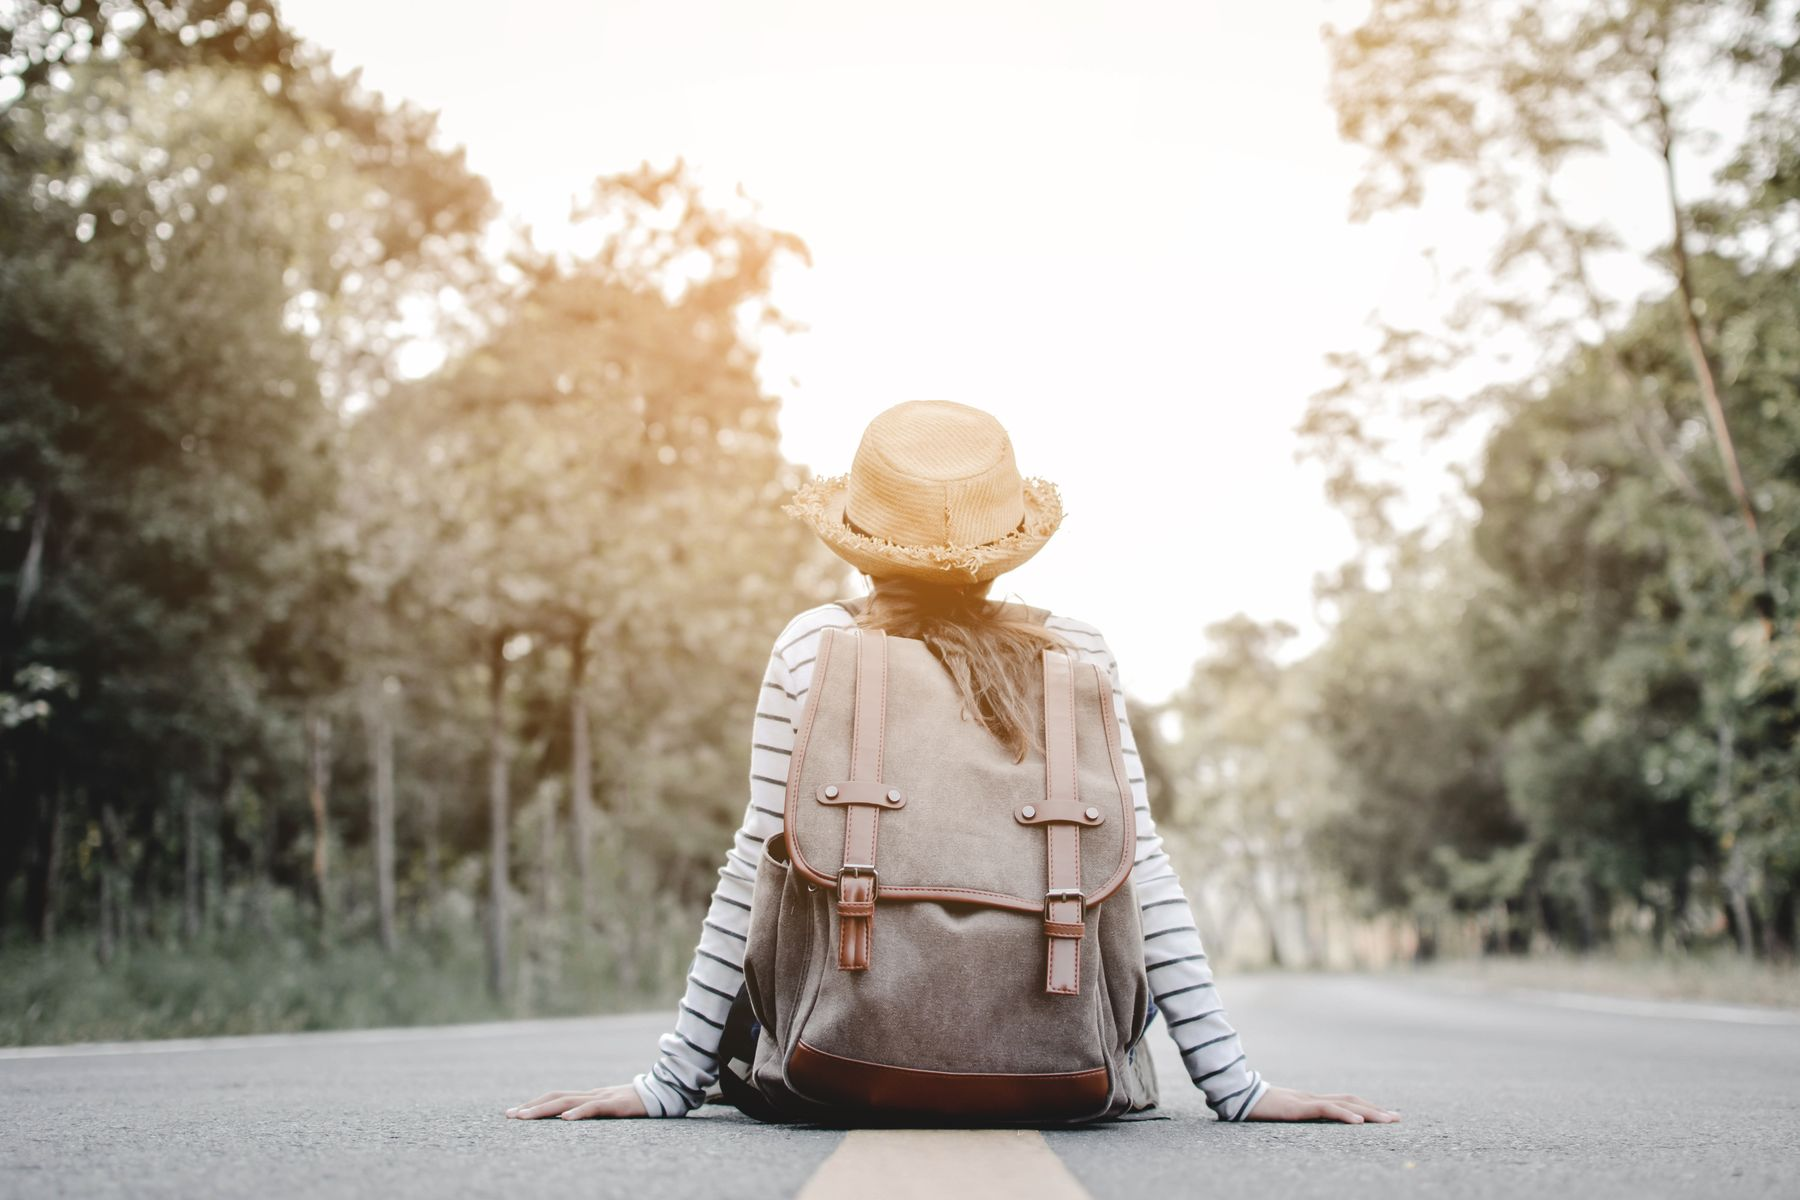 Alleinreisende Frau mit Rucksack sitzt auf der Straße.